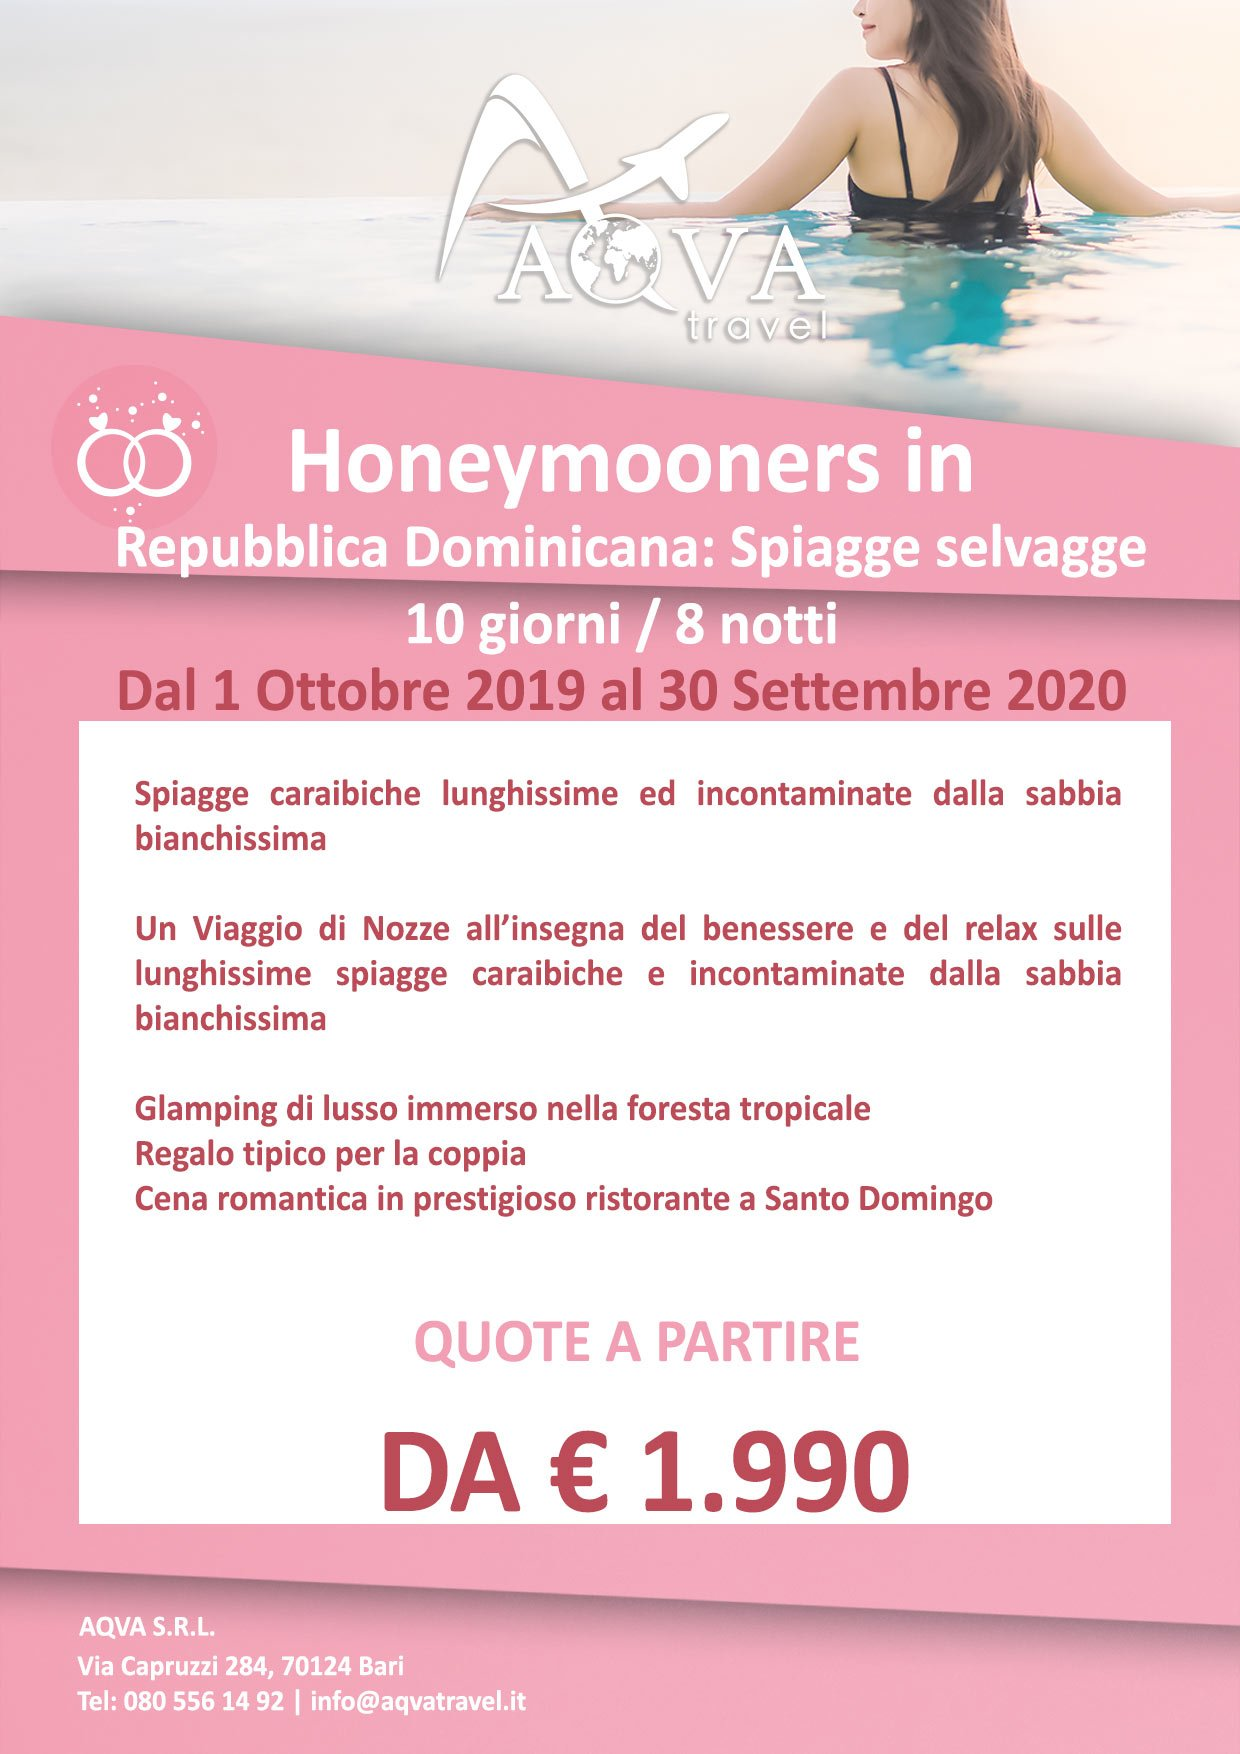 Honeymooners-in-Repubblica-Dominicana-Spiagge-selvagge-10-giorni-8-notti-VIAGGI-Honeymoon-offerte-agenzia-di-viaggi-Bari-AQVATRAVEL-it